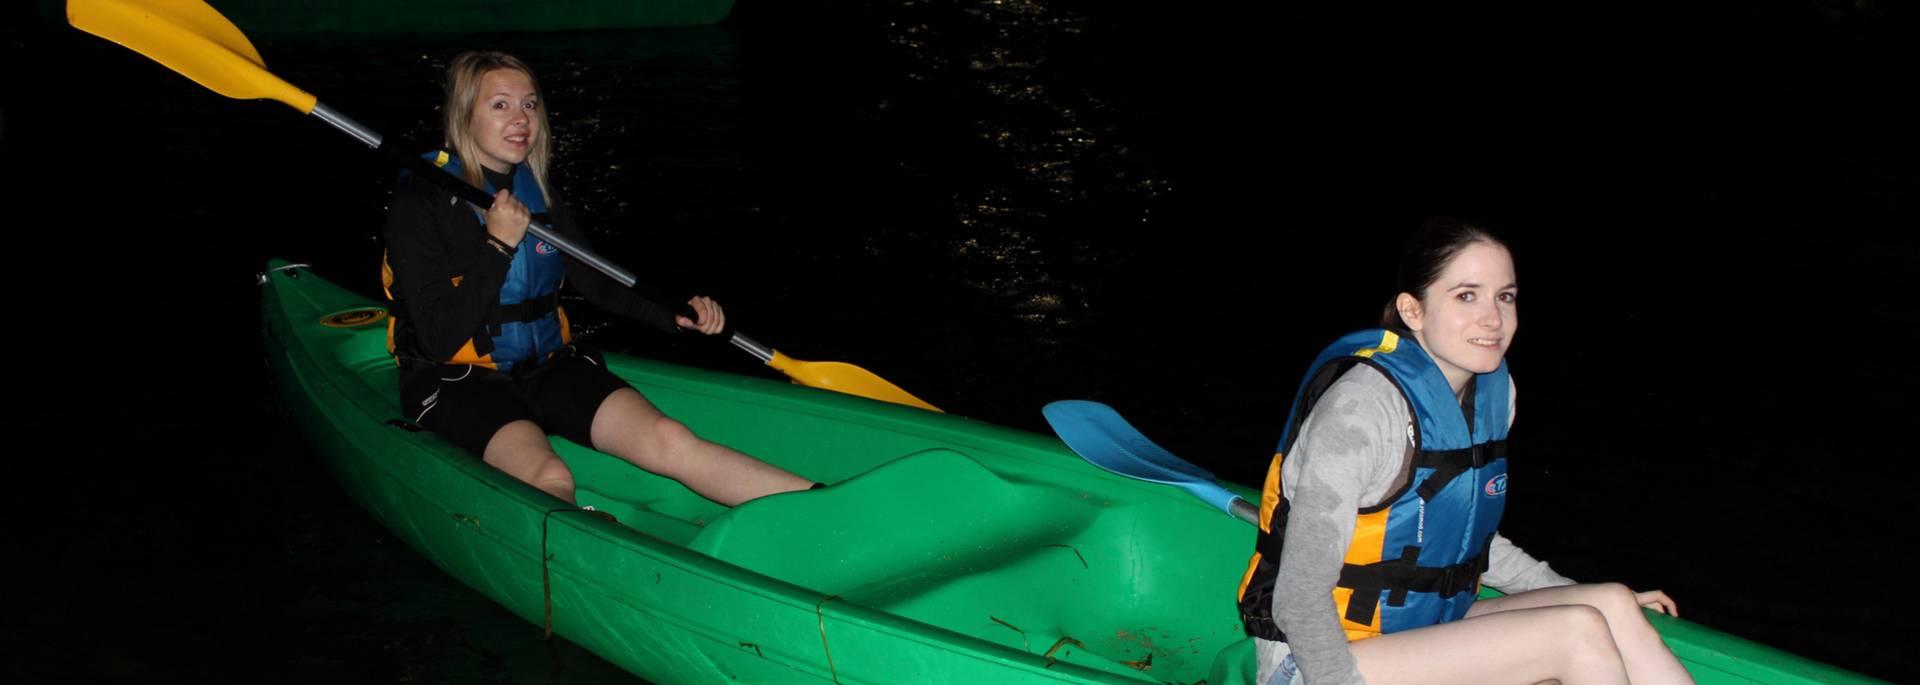 Circuit canoë-kayak Chartres en lumières